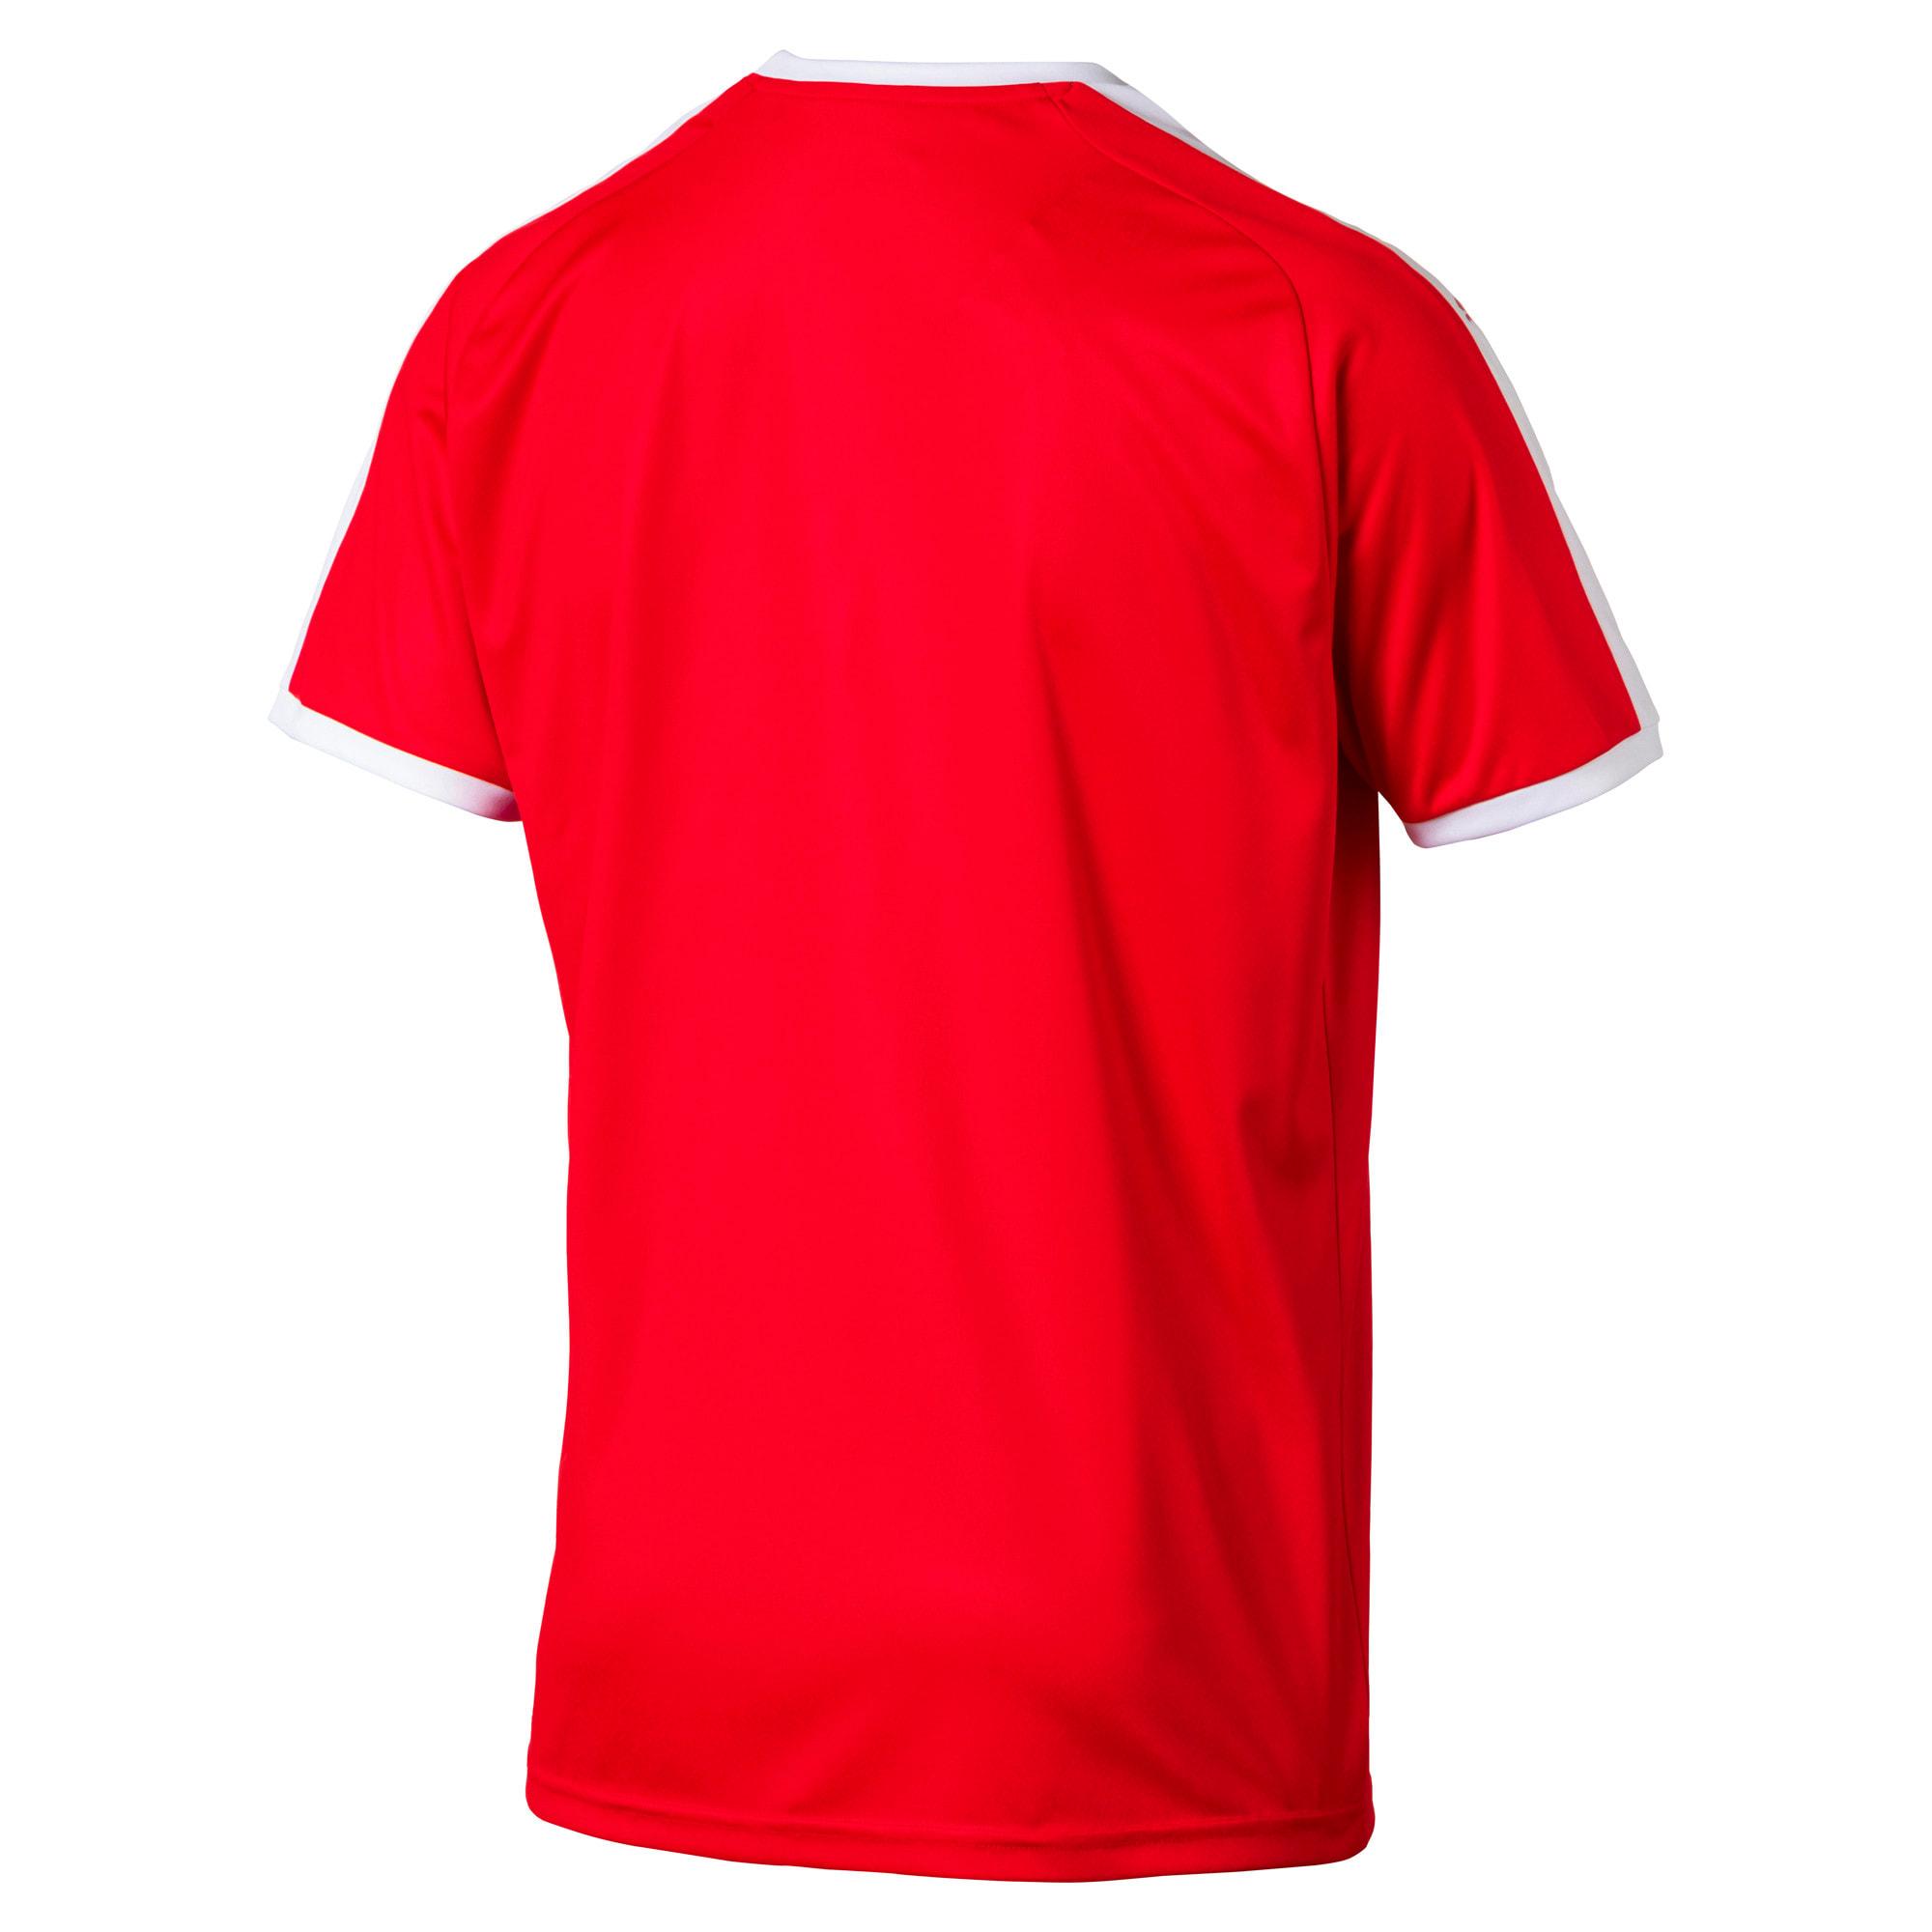 Thumbnail 5 of Liga shirt voor heren, Puma Red-Puma White, medium